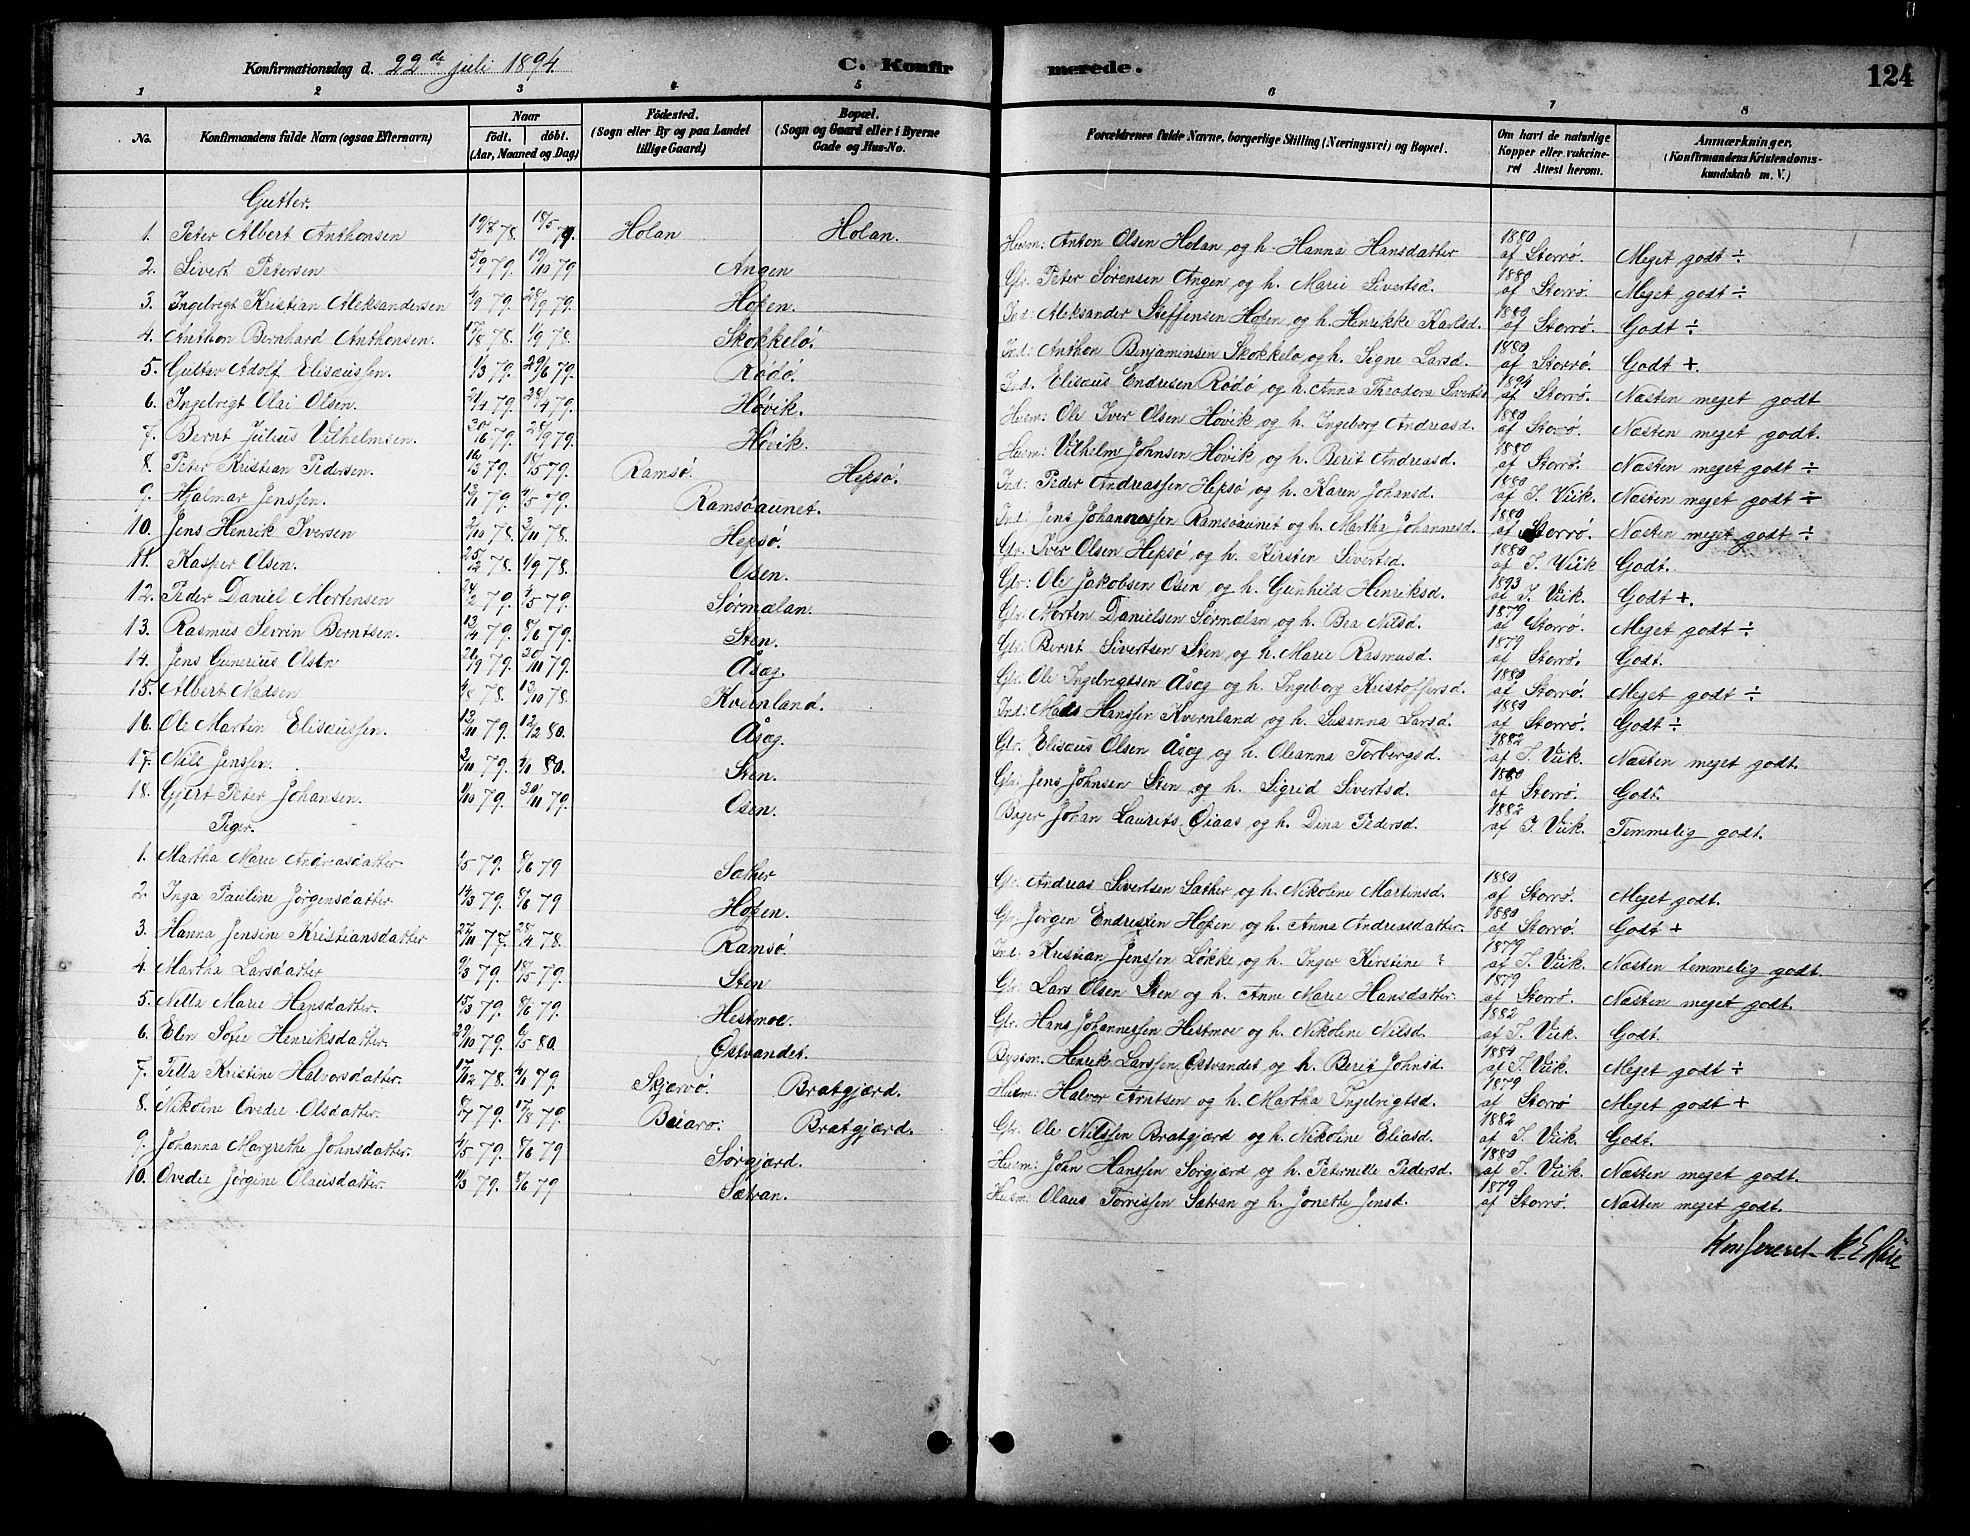 SAT, Ministerialprotokoller, klokkerbøker og fødselsregistre - Sør-Trøndelag, 658/L0726: Klokkerbok nr. 658C02, 1883-1908, s. 124